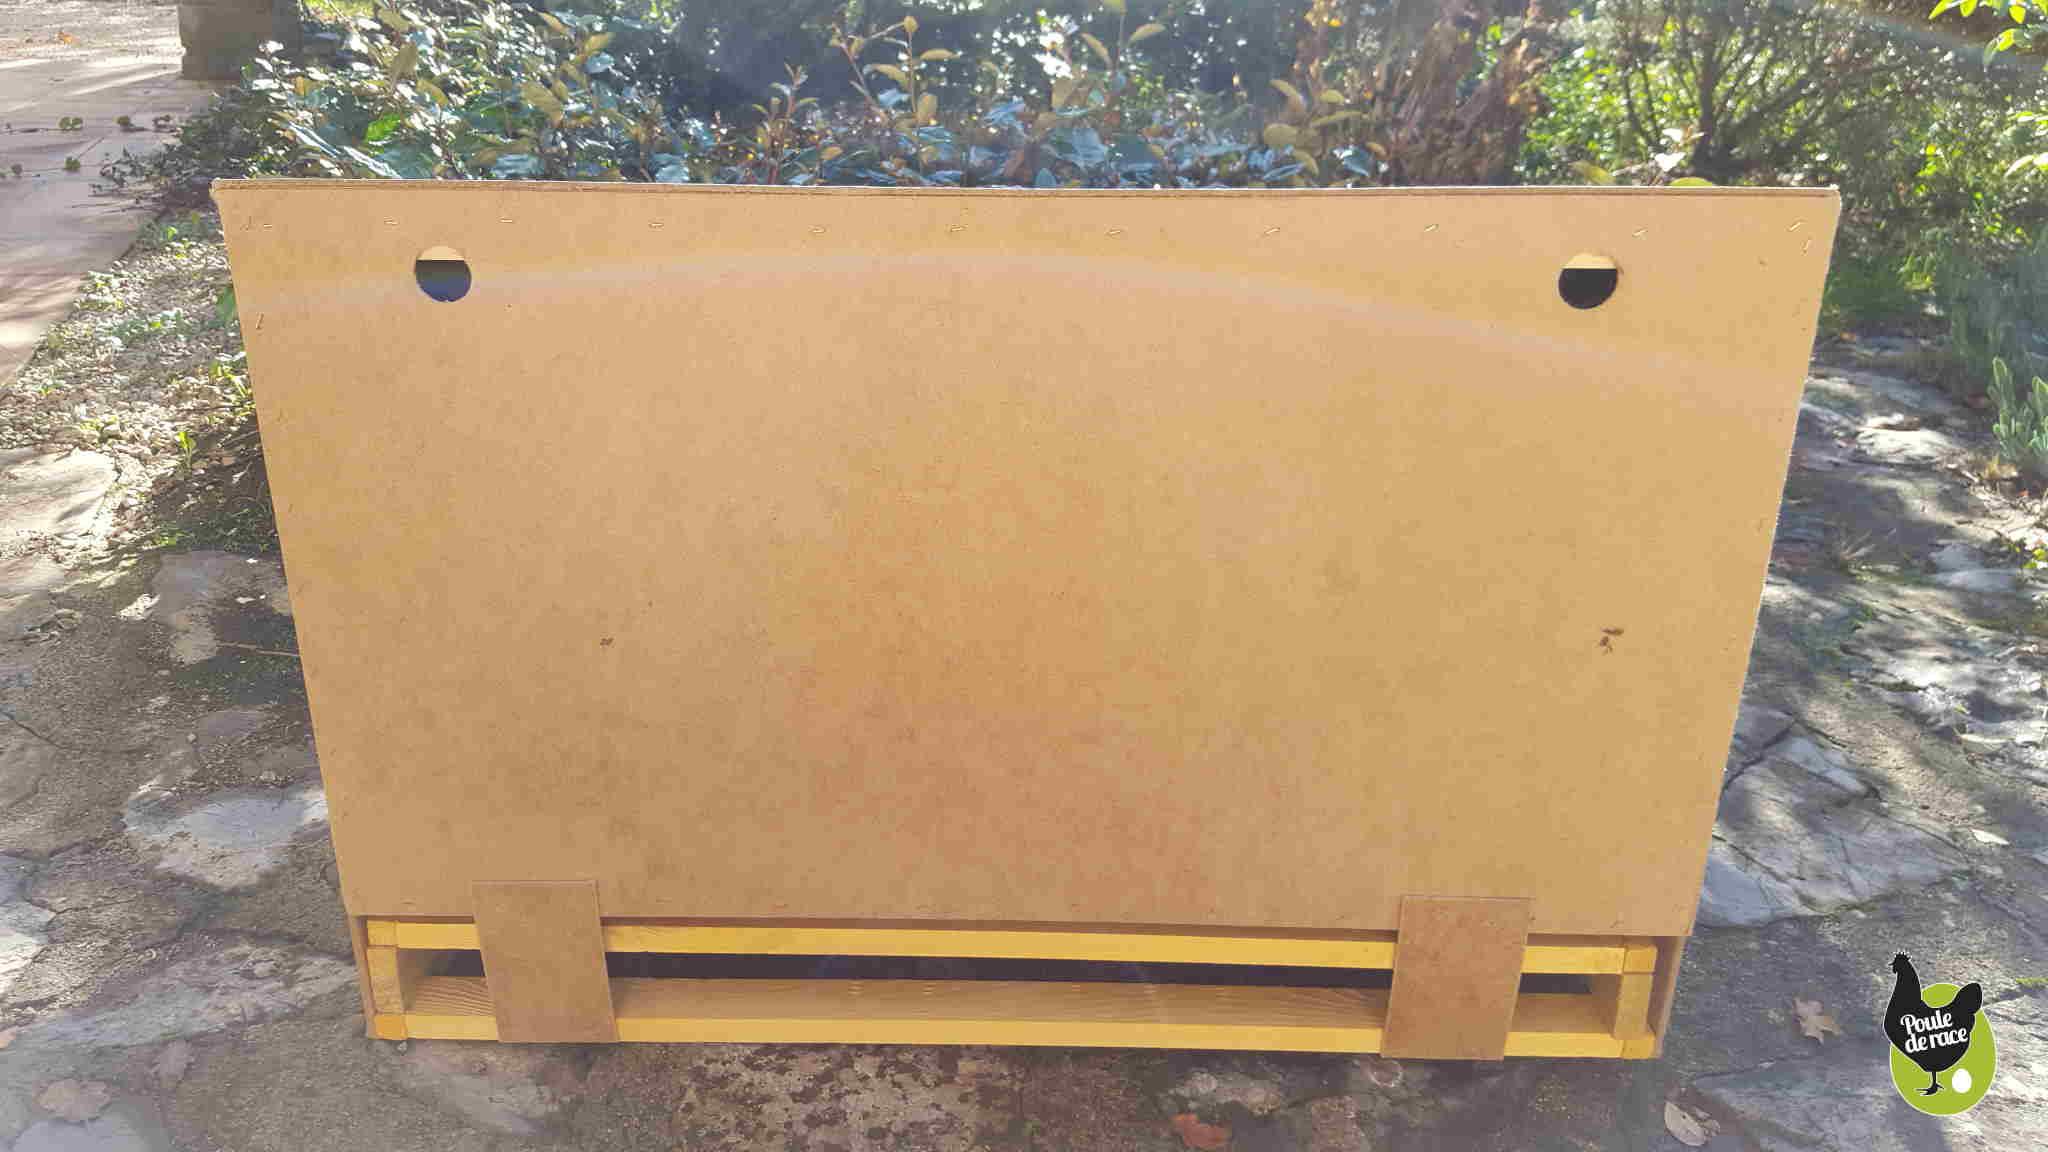 l'arriere du pondoir avec les trous pour le fixer au mur. Le tiroir de récupération des oeufs peux également s'ouvrir par l'arrière, suivant le type d'emplacement choisit.